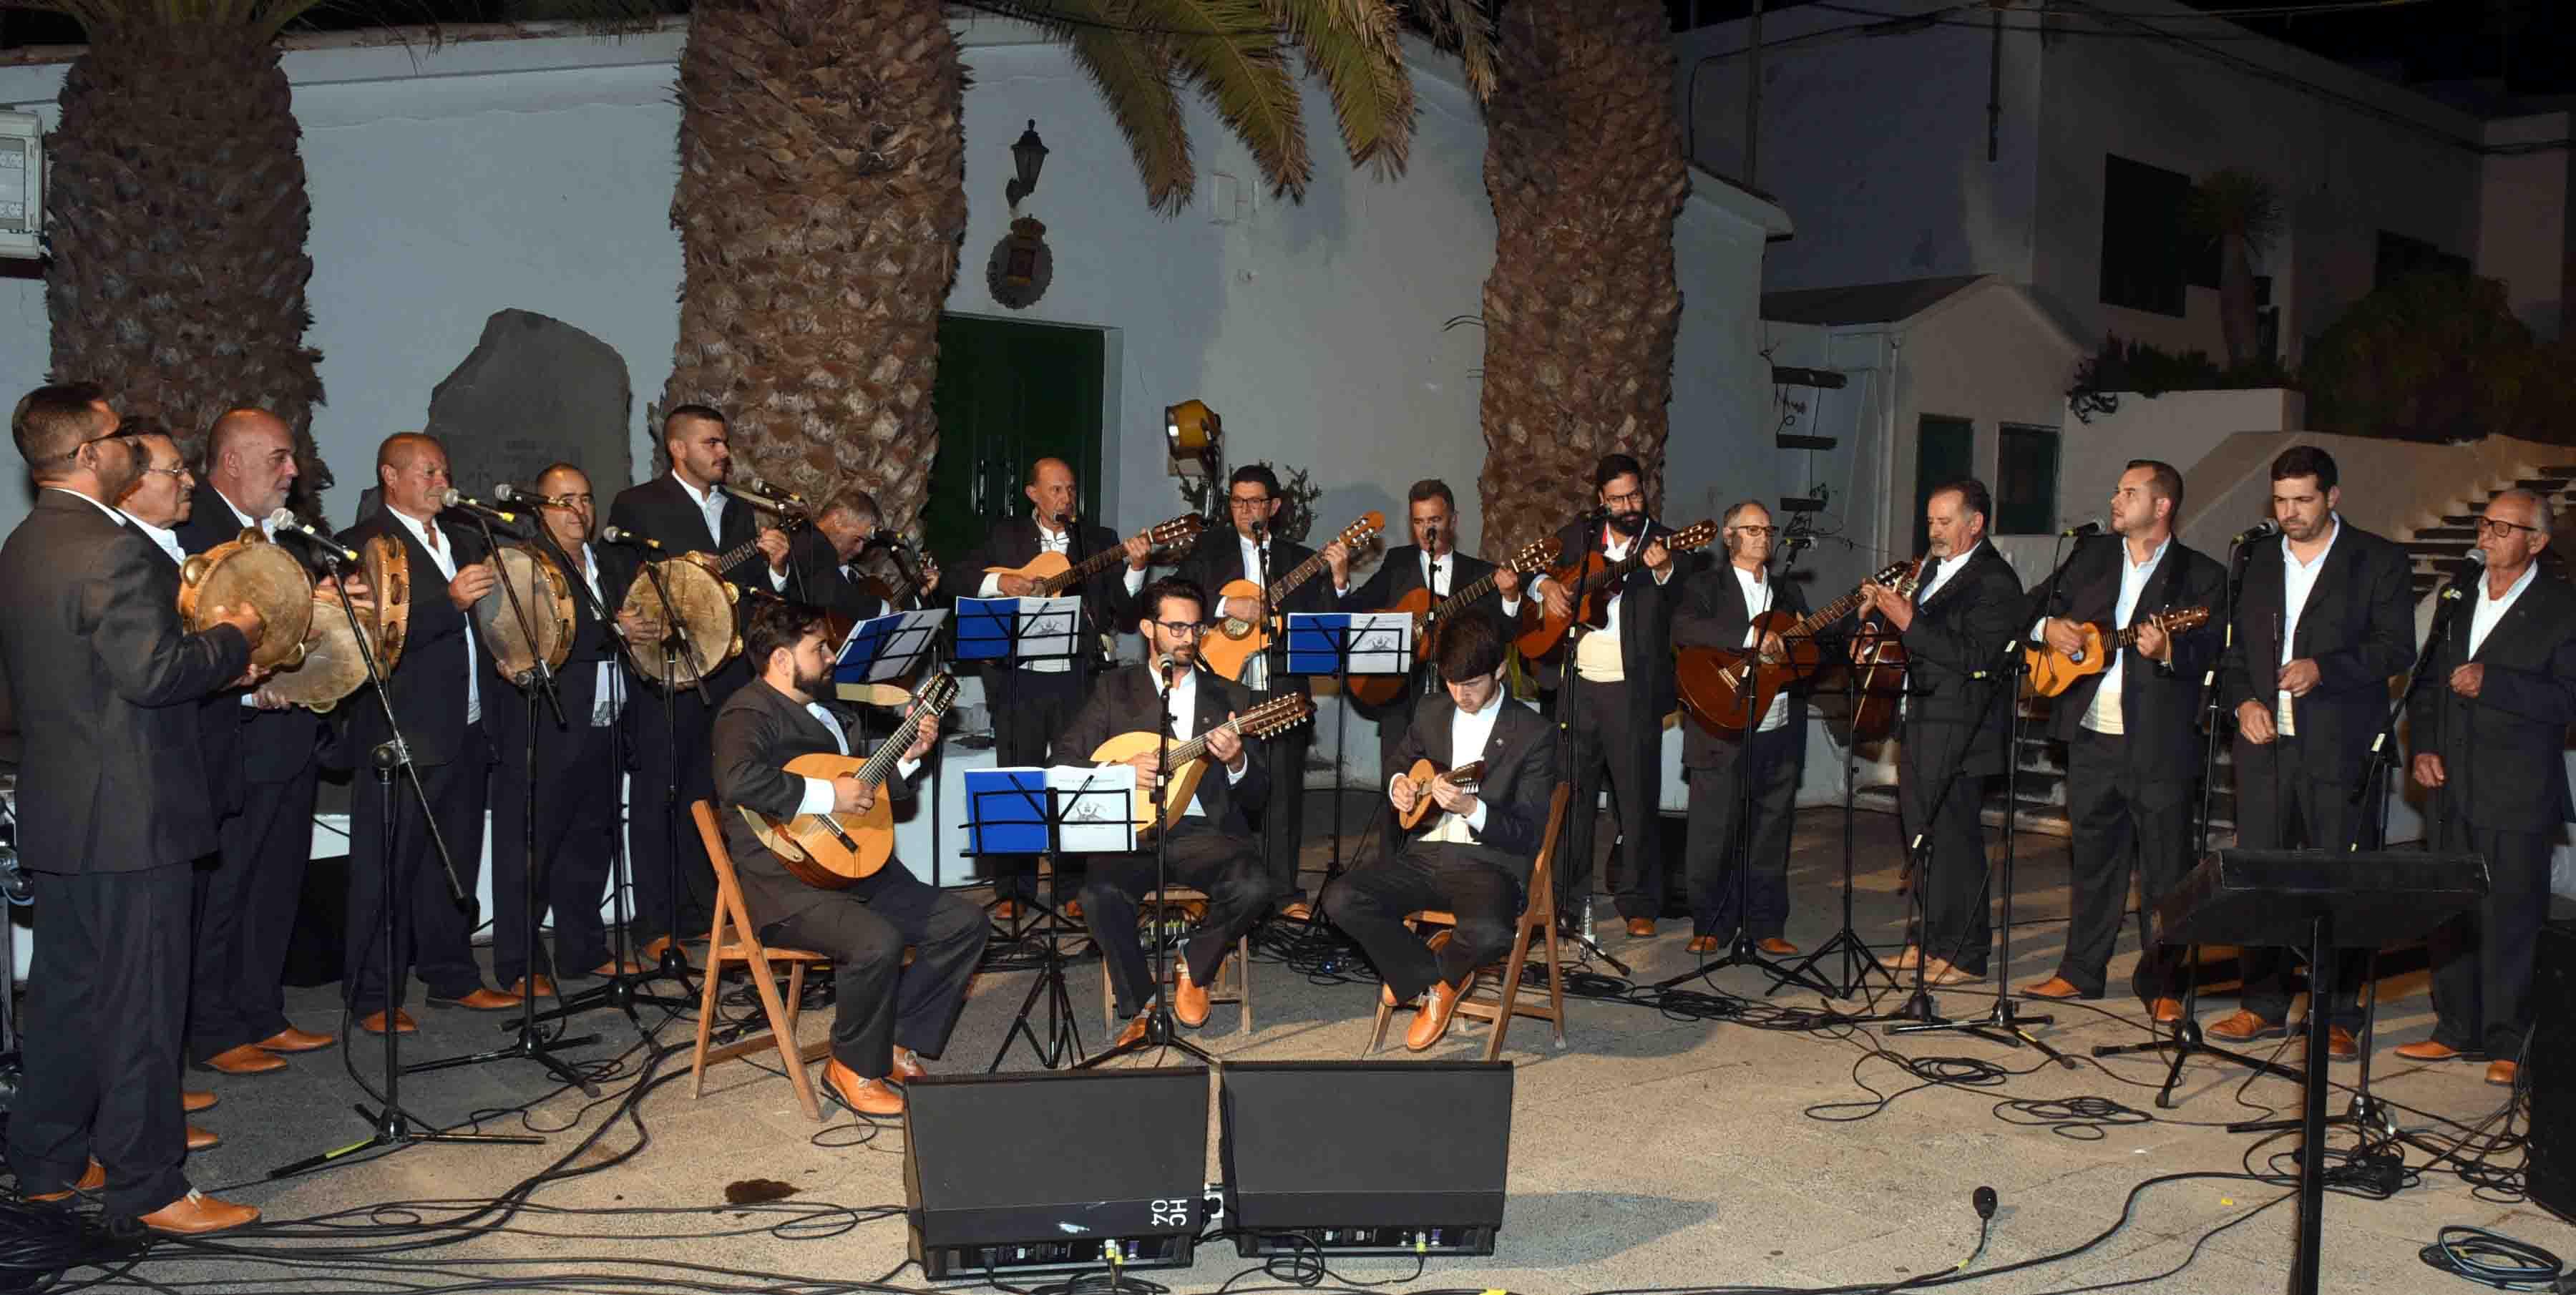 San Bartolomé abre la programación para diciembre y enero con el encendido del alumbrado navideño, actuaciones musicales e inauguración del belén municipal